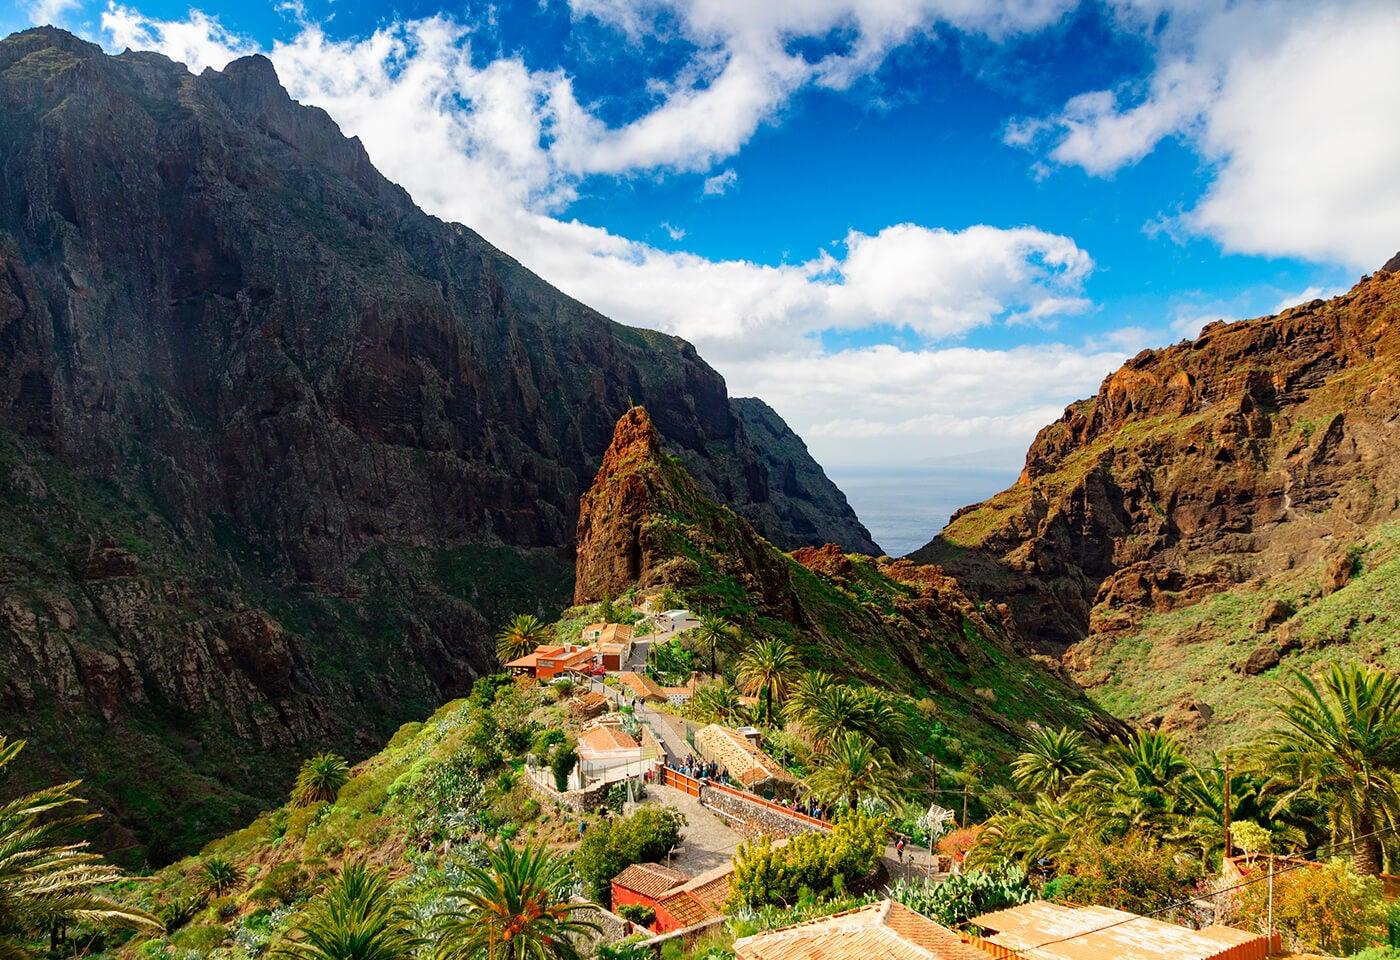 Viajar a las islas Canarias es descubrir el paraíso